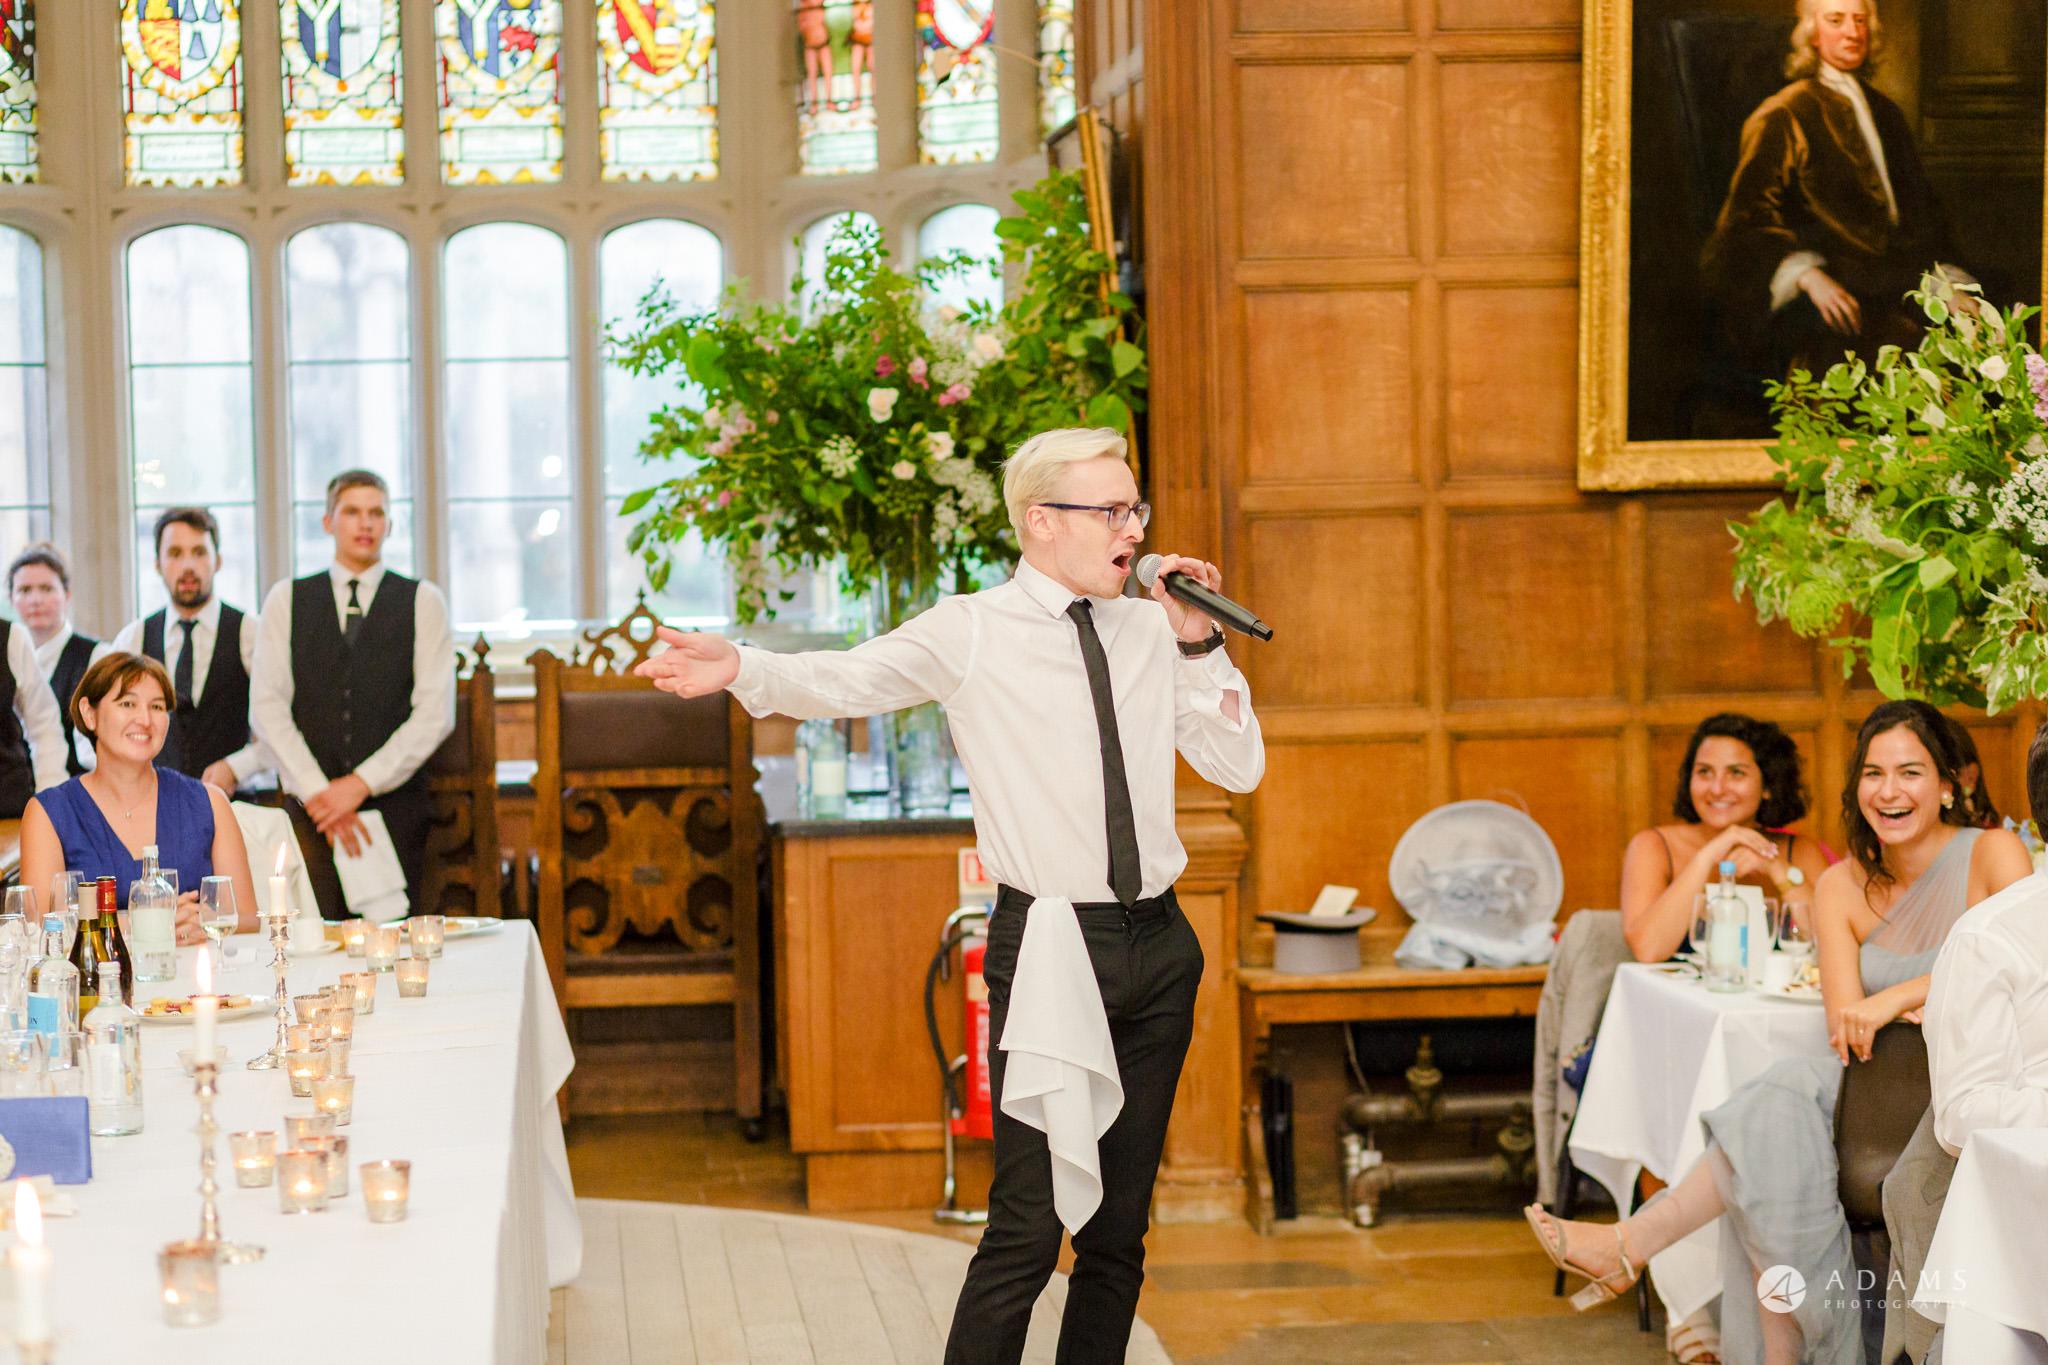 Trinity College Cambridge wedding entertainment